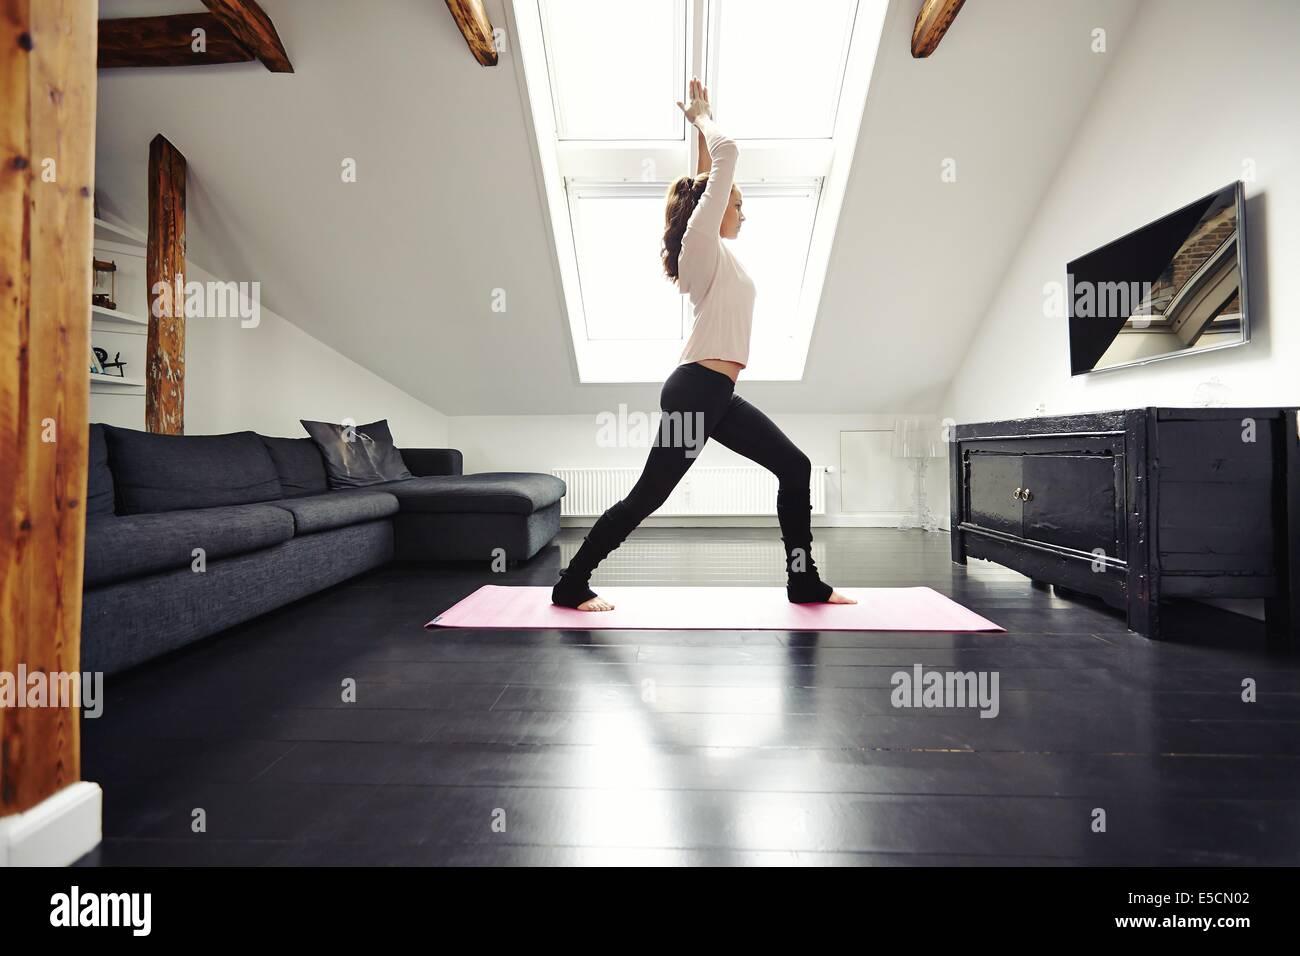 Colocar joven hacer yoga en casa. Modelo femenino sano ejercicio en casa viva. Imagen De Stock